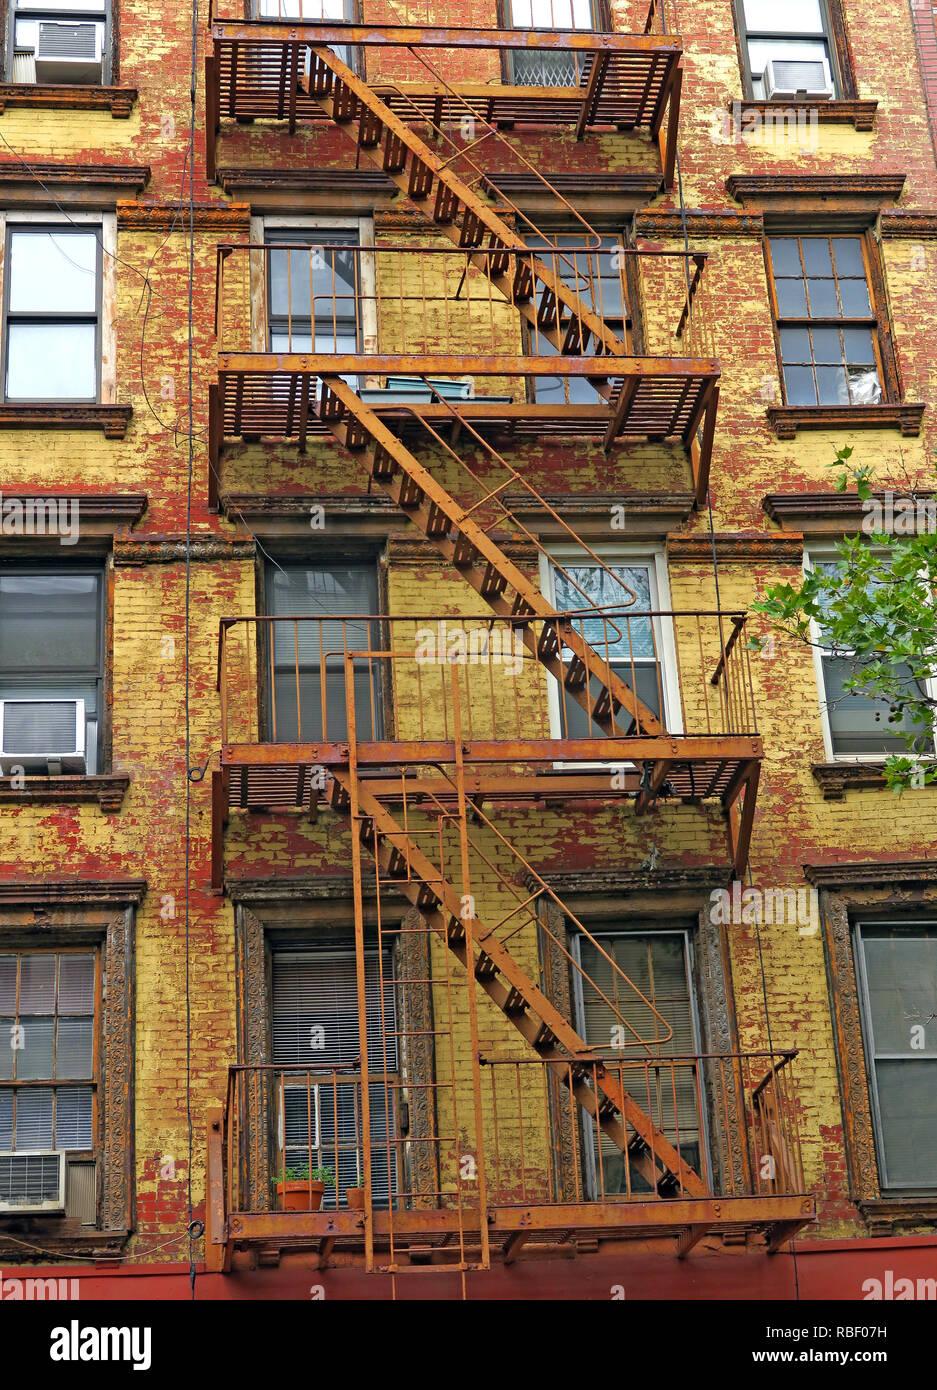 Laden Sie dieses Alamy Stockfoto St. Marks Platz, der 2nd Avenue, Mietskasernen, East Village, Manhattan, New York City, New York City, NY, USA - RBF07H